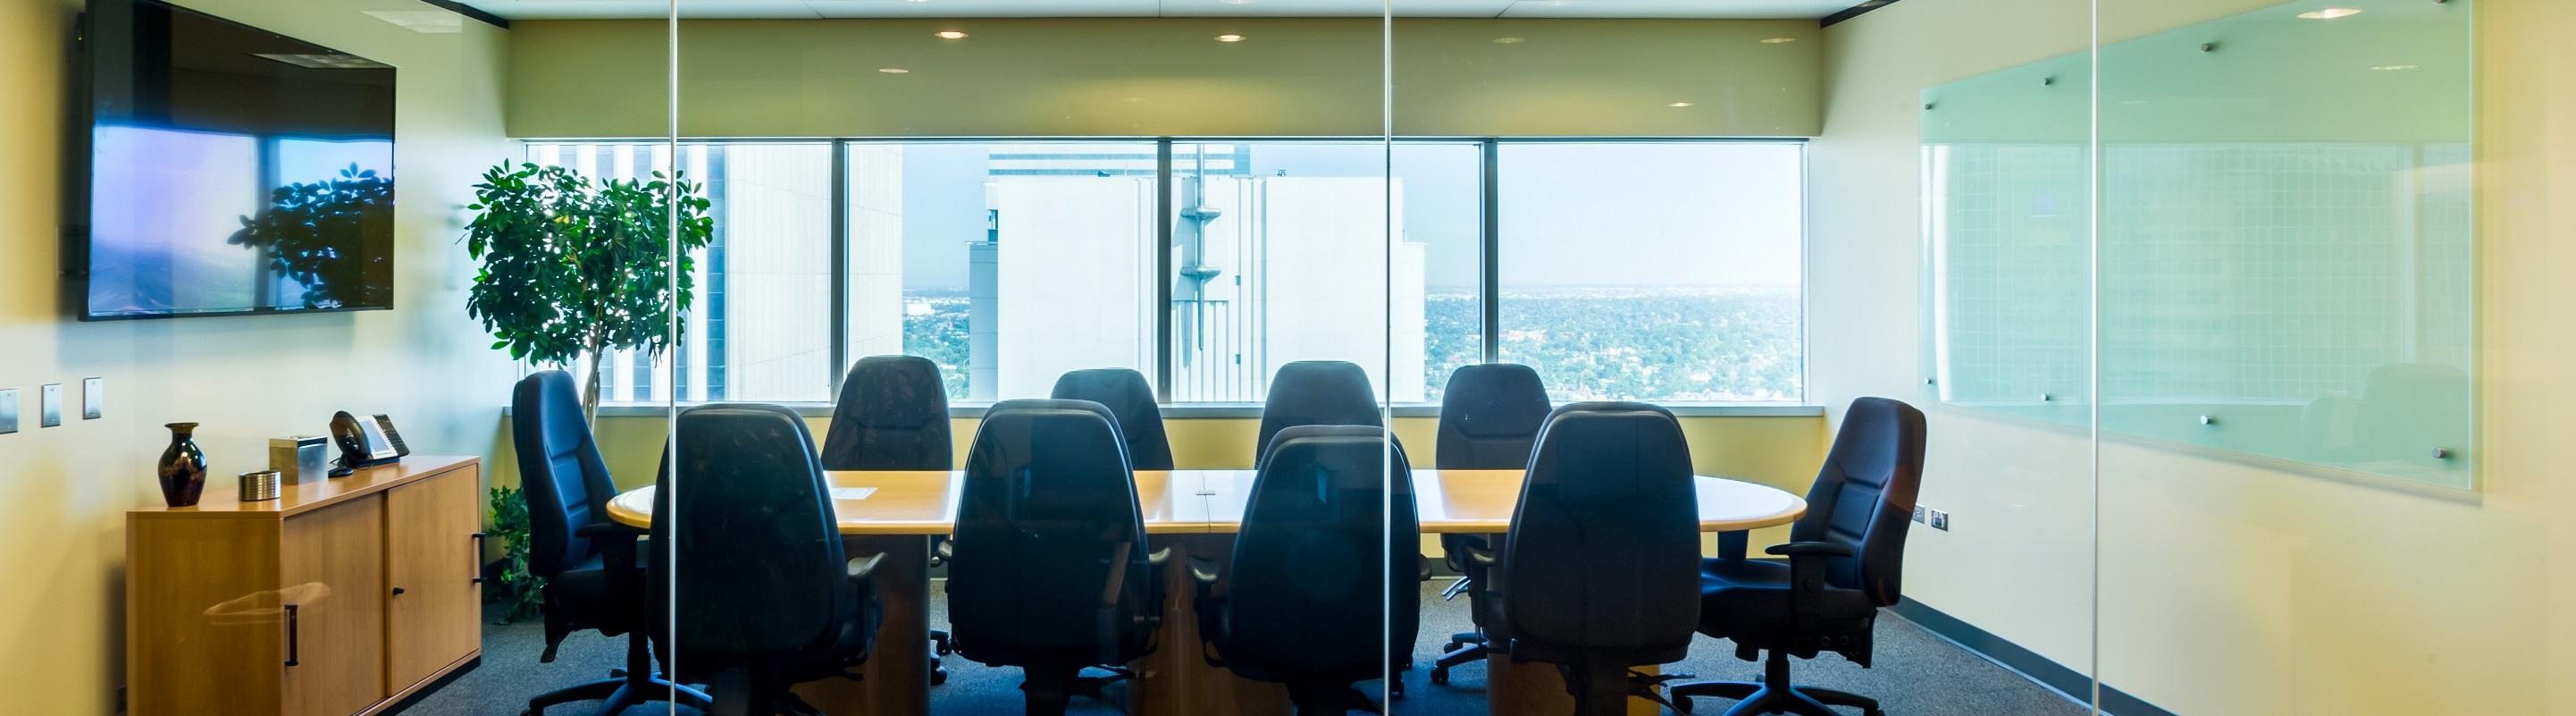 Boardroom Image